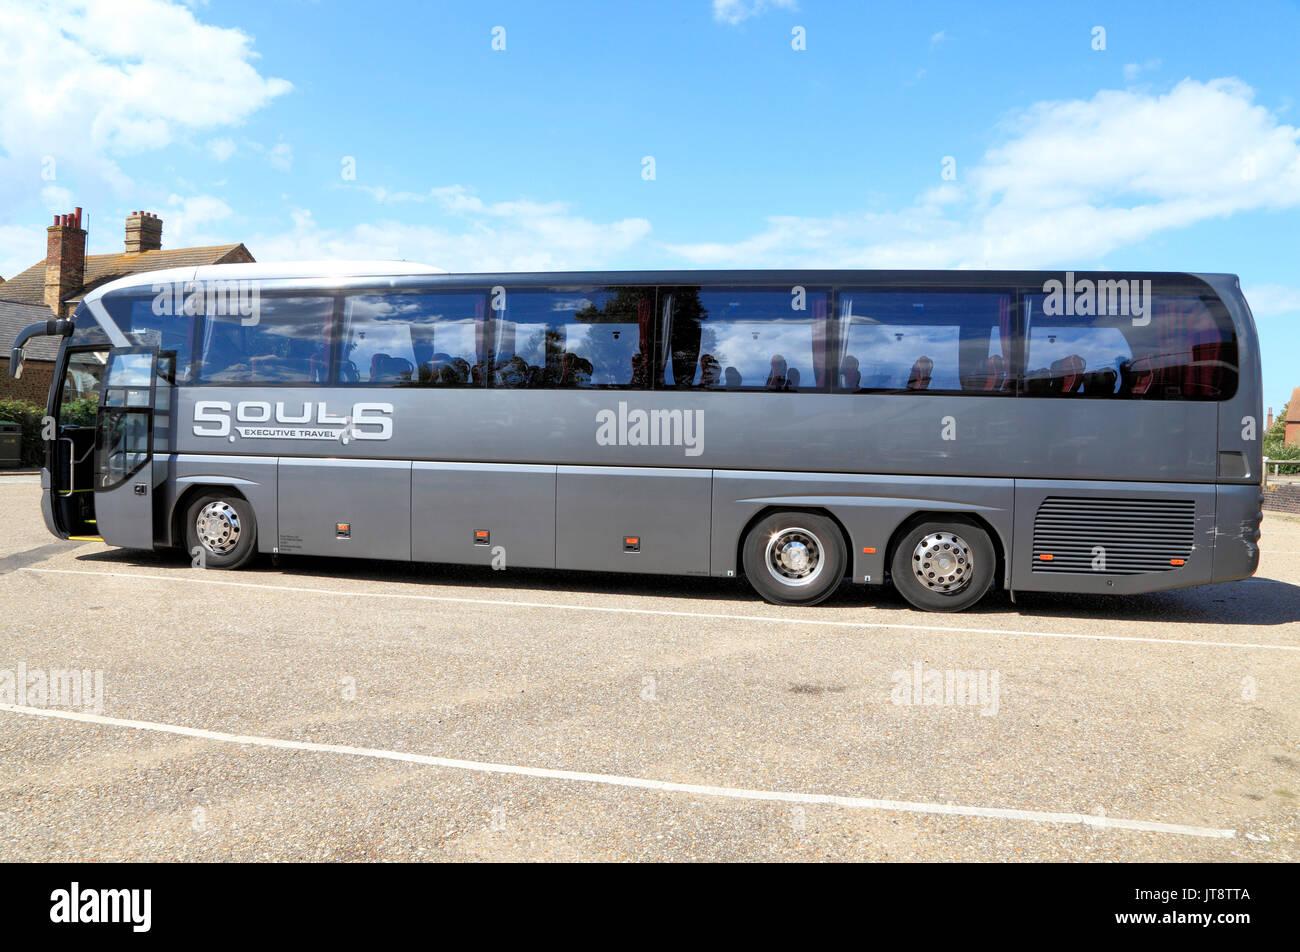 Las almas coach, entrenadores, director ejecutivo de la compañía de viajes, excursiones, vacaciones, viajes, transportes, Inglaterra, Reino Unido, el operador, los operadores, la compañía, las empresas Imagen De Stock